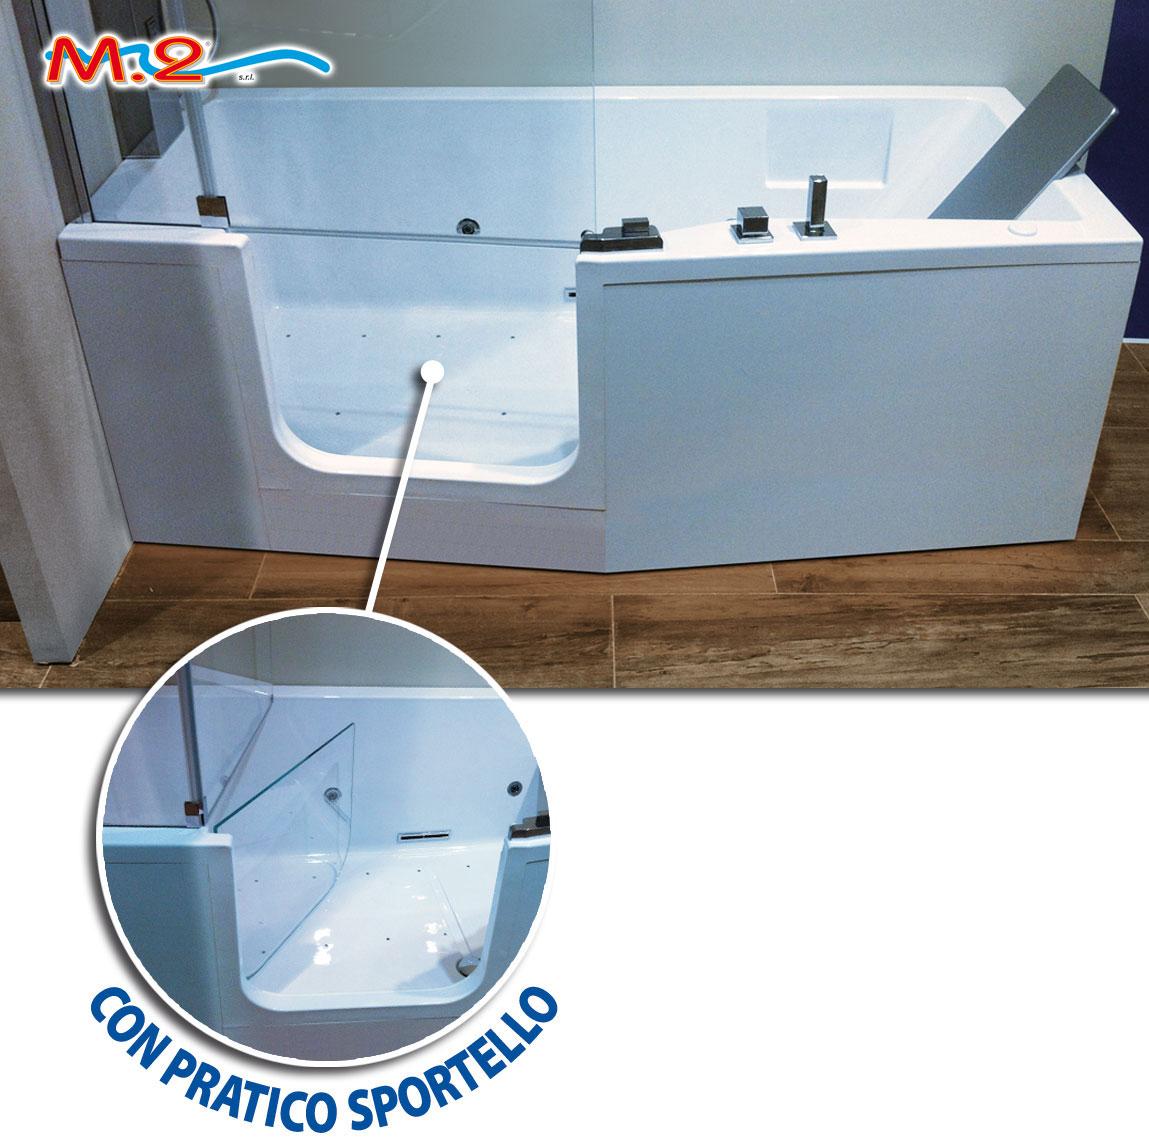 Vasca con sportello ad apertura laterale con chiusura a - Vasche da bagno con apertura laterale ...